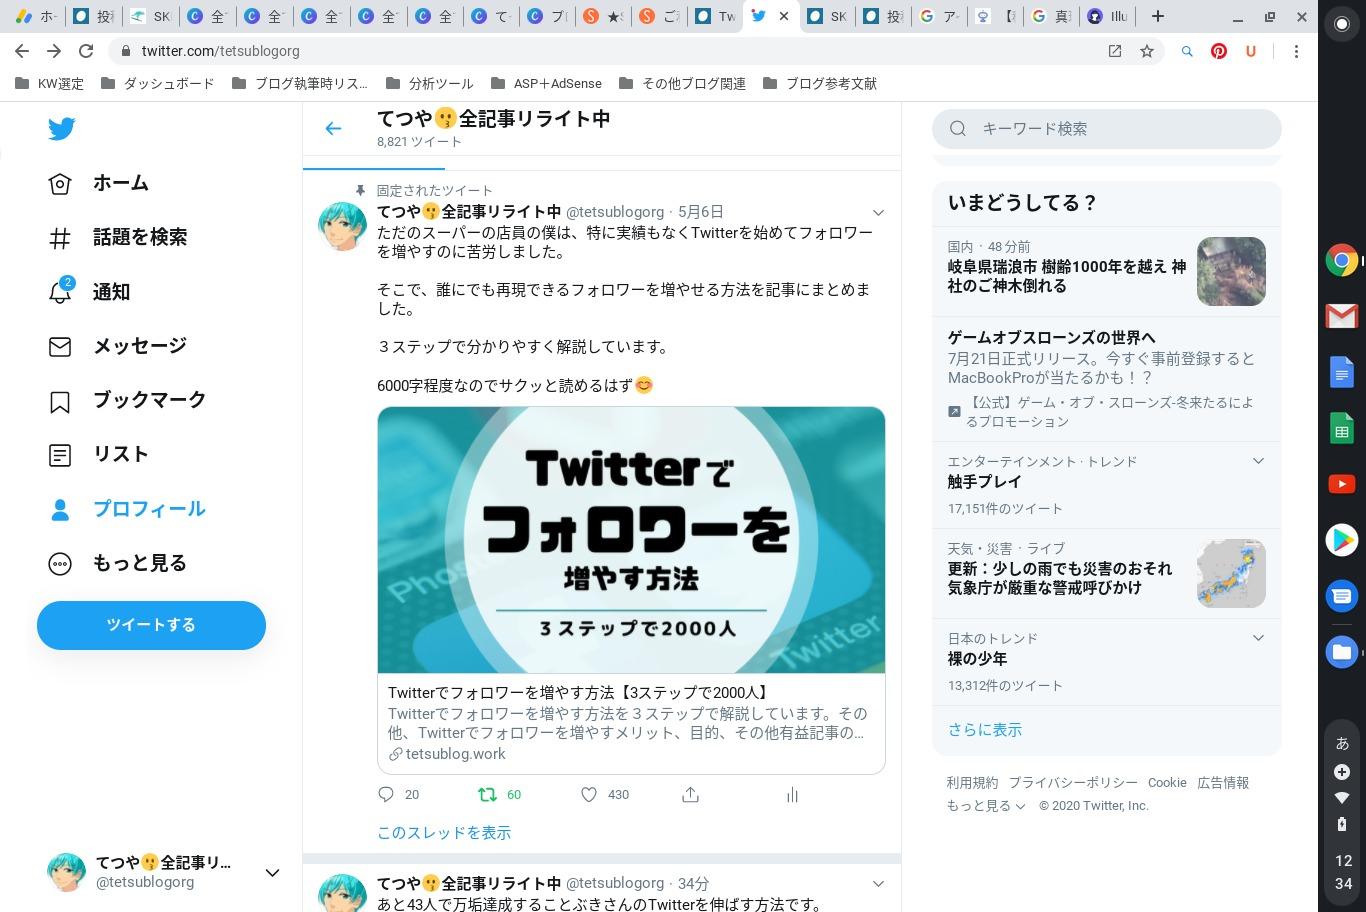 Screenshot-2020-07-12-at-12.34.52